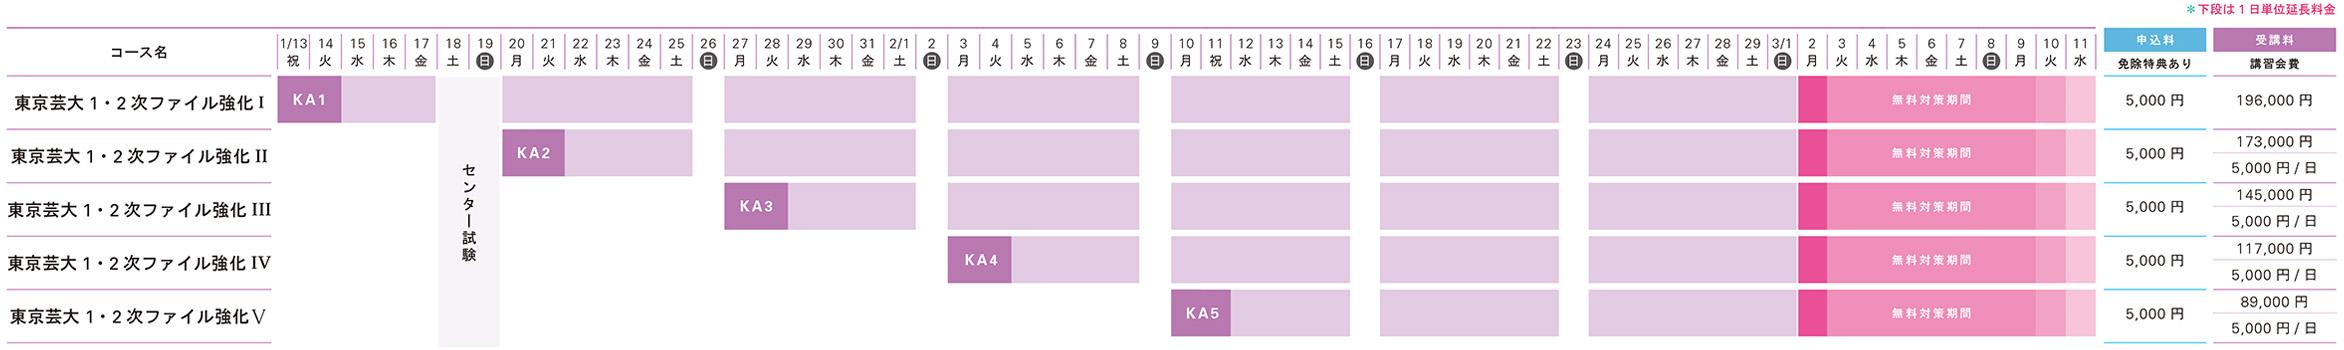 2019入試直前講座先端芸術表現スケジュール